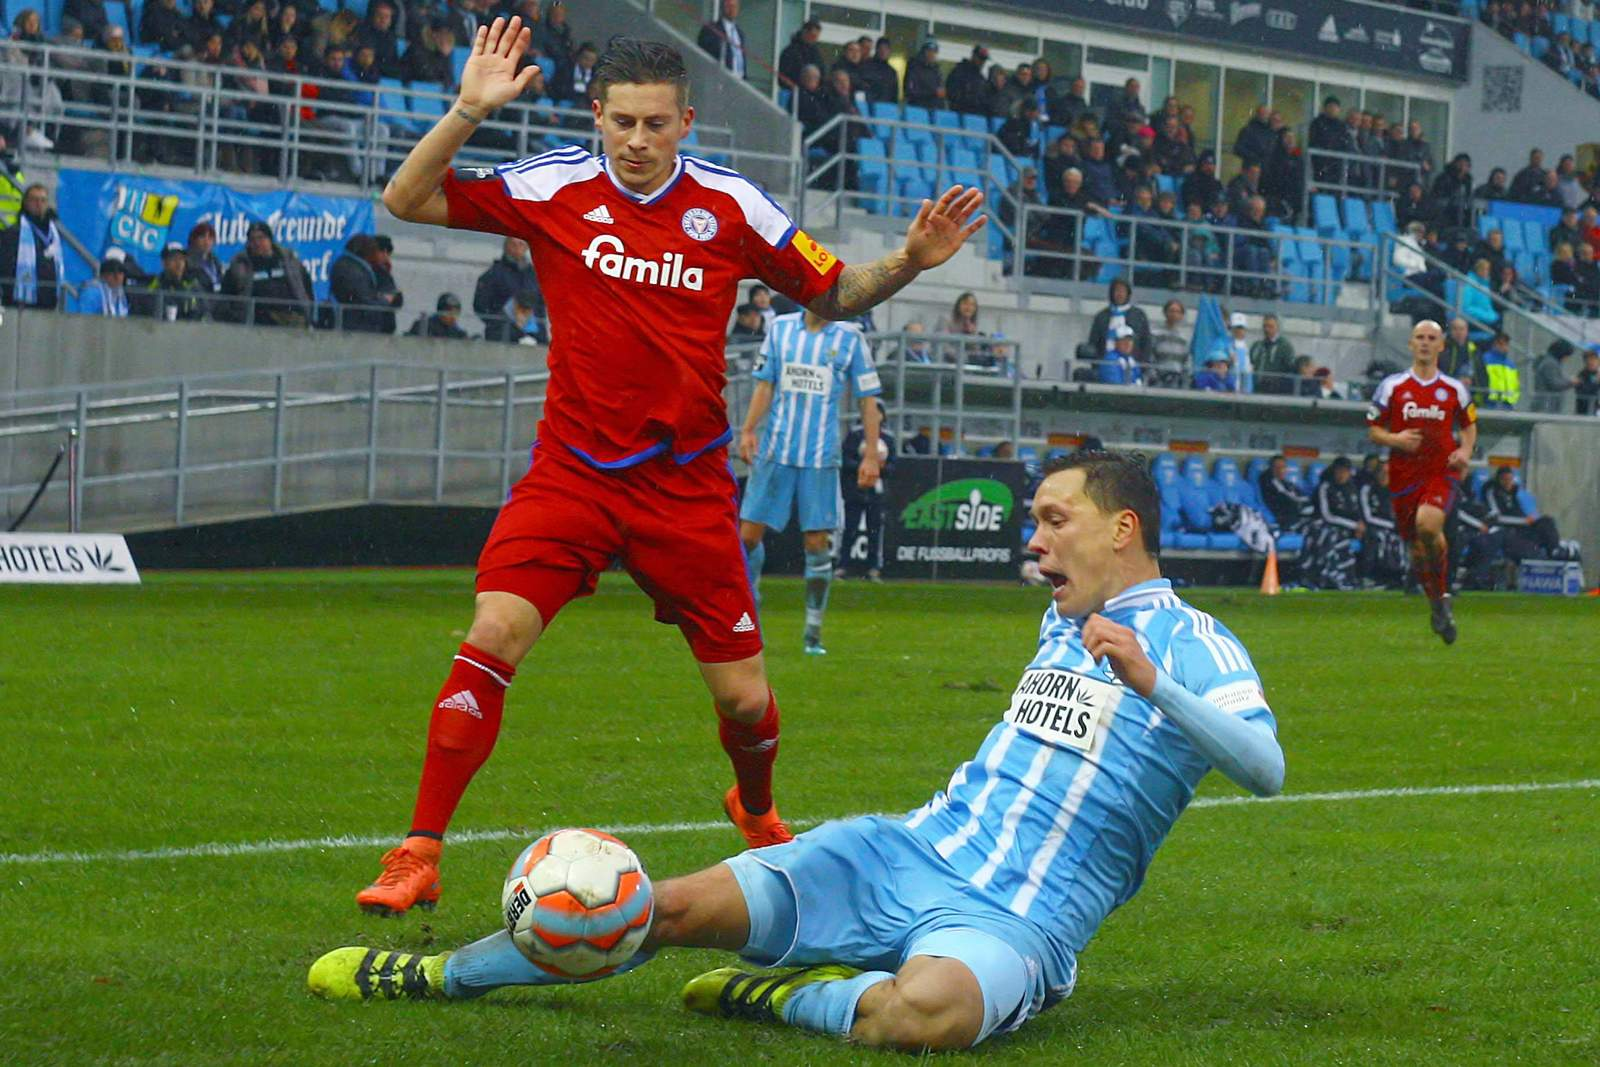 Alexander Bitroff grätscht gegen Steven Lewerenz. Jetzt auf Holstein Kiel gegen Chemnitz wetten!